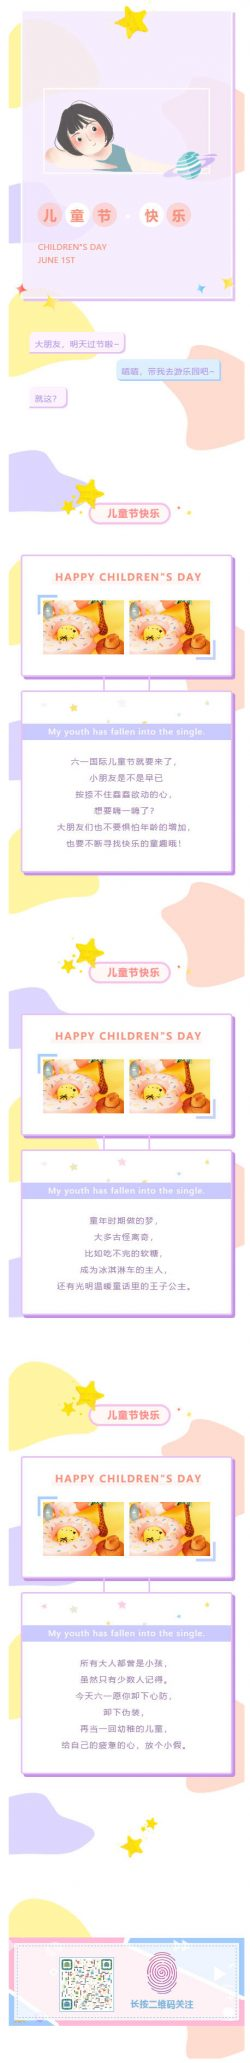 儿童节快乐可爱多彩风格动态图标微信推送图文模板推文素材